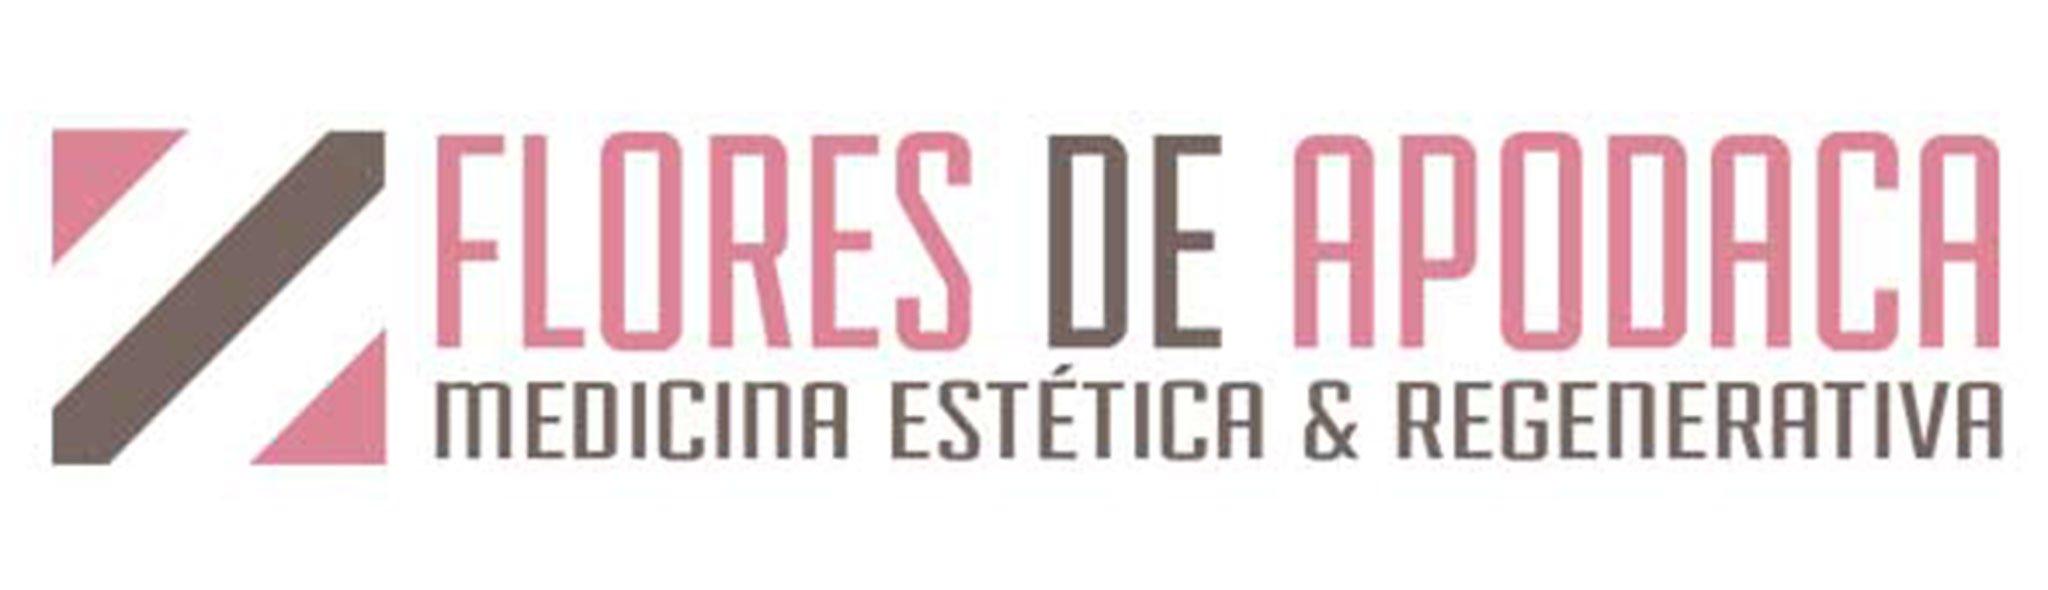 ClínicaLogotipo de Clínica  Doctora Flores de Apodaca